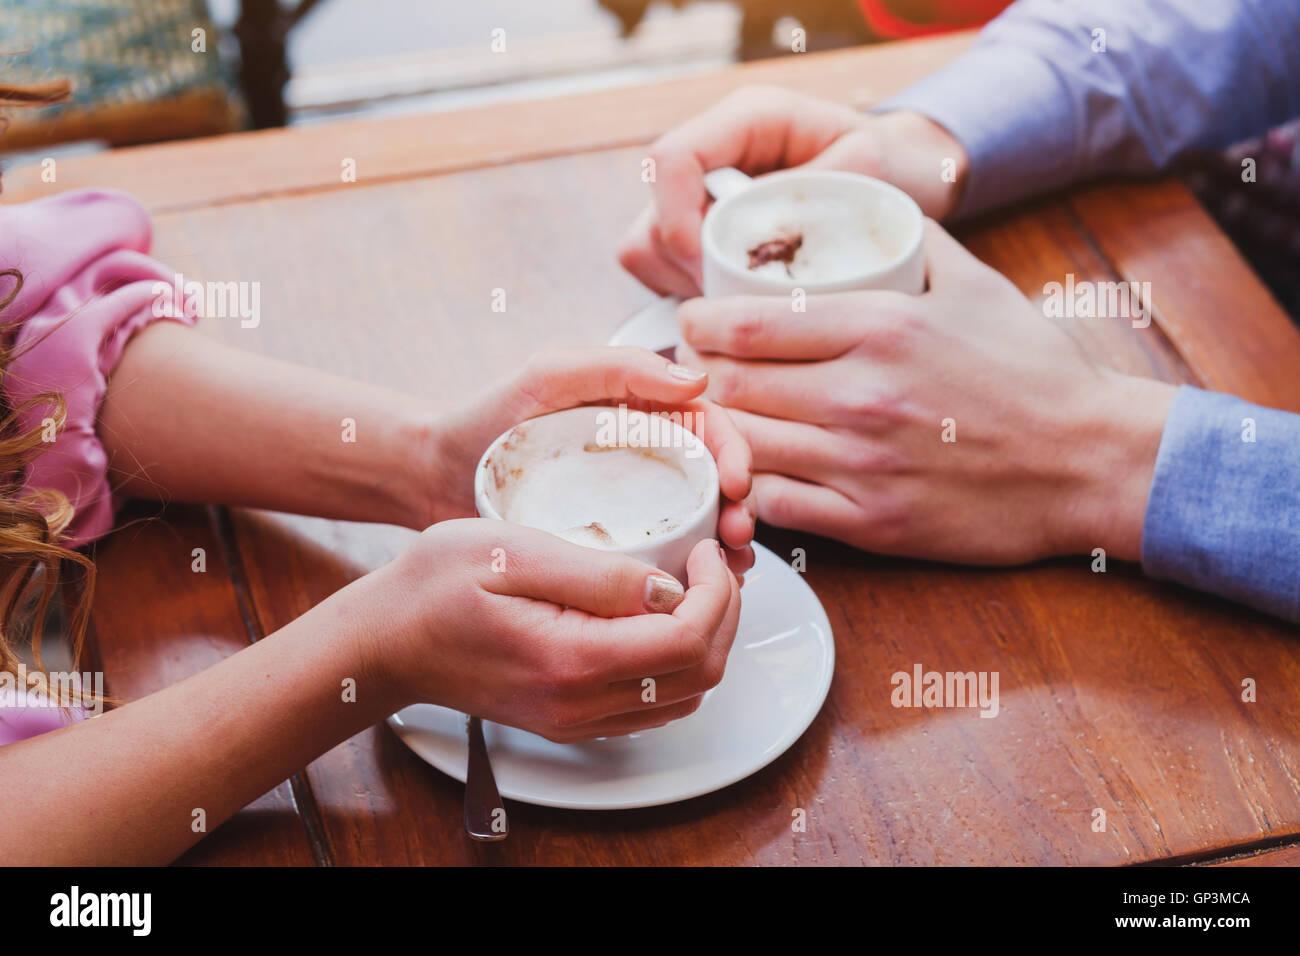 Les gens de boire du café en café, gros plan de la main de deux tasses Photo Stock